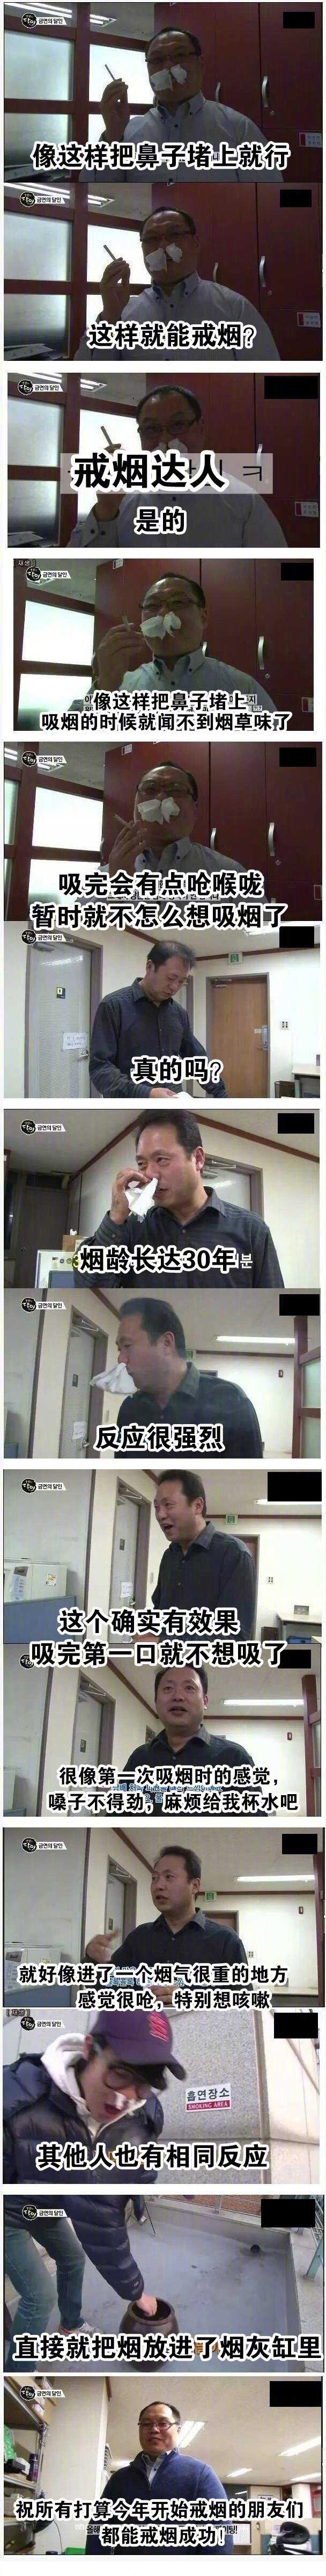 搞笑图片很管用的戒烟方法....